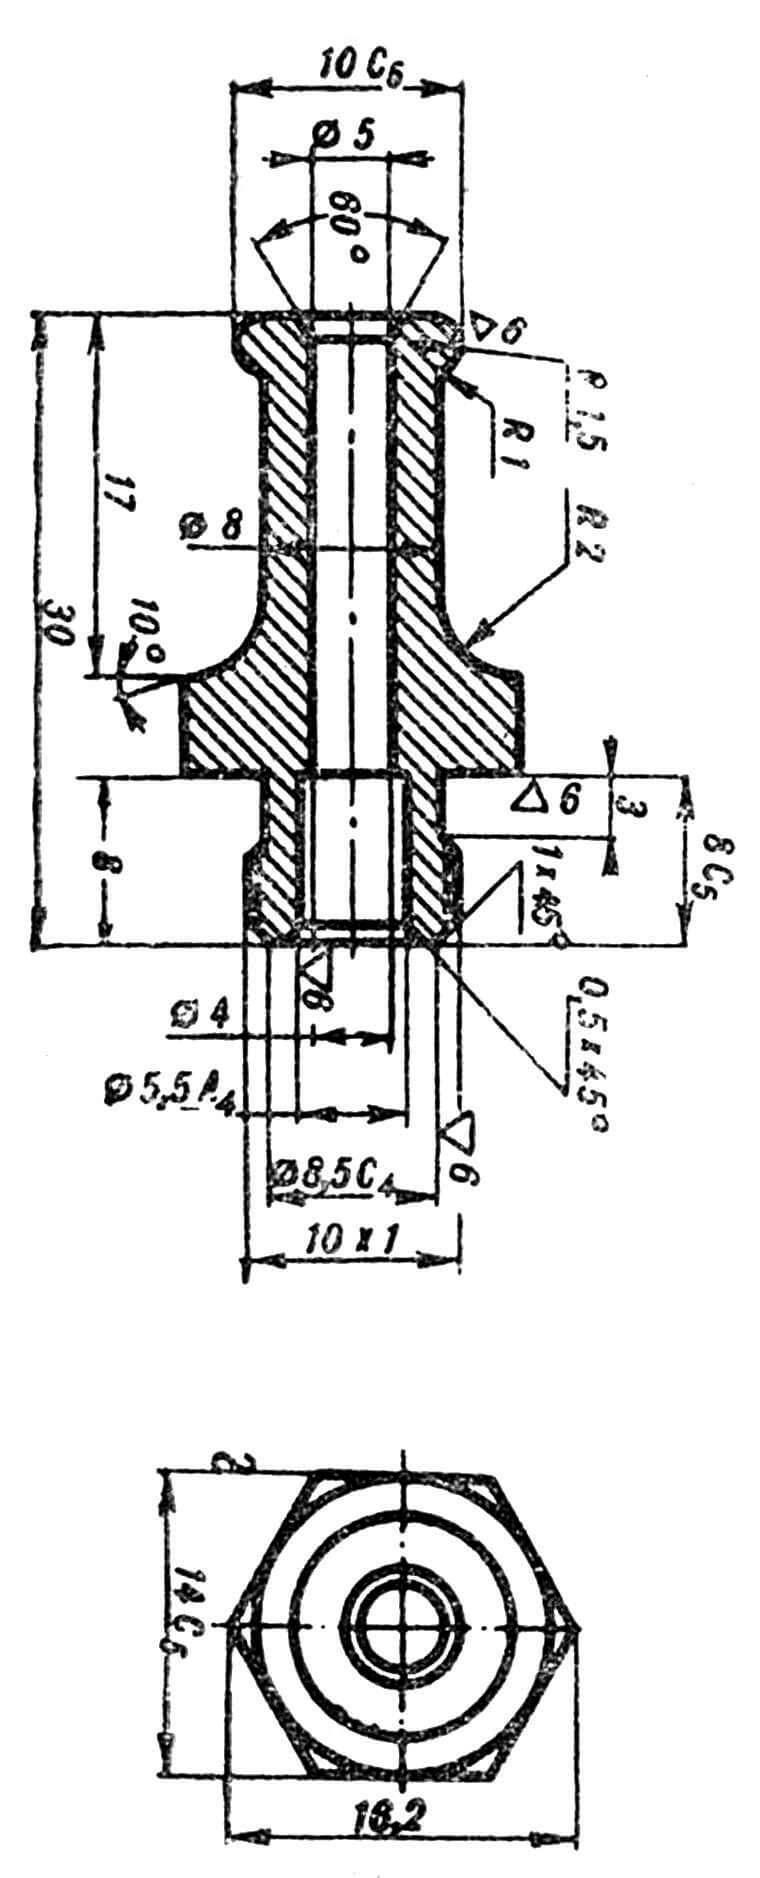 Рис. 6. Штуцер для подачи сжатого воздуха.